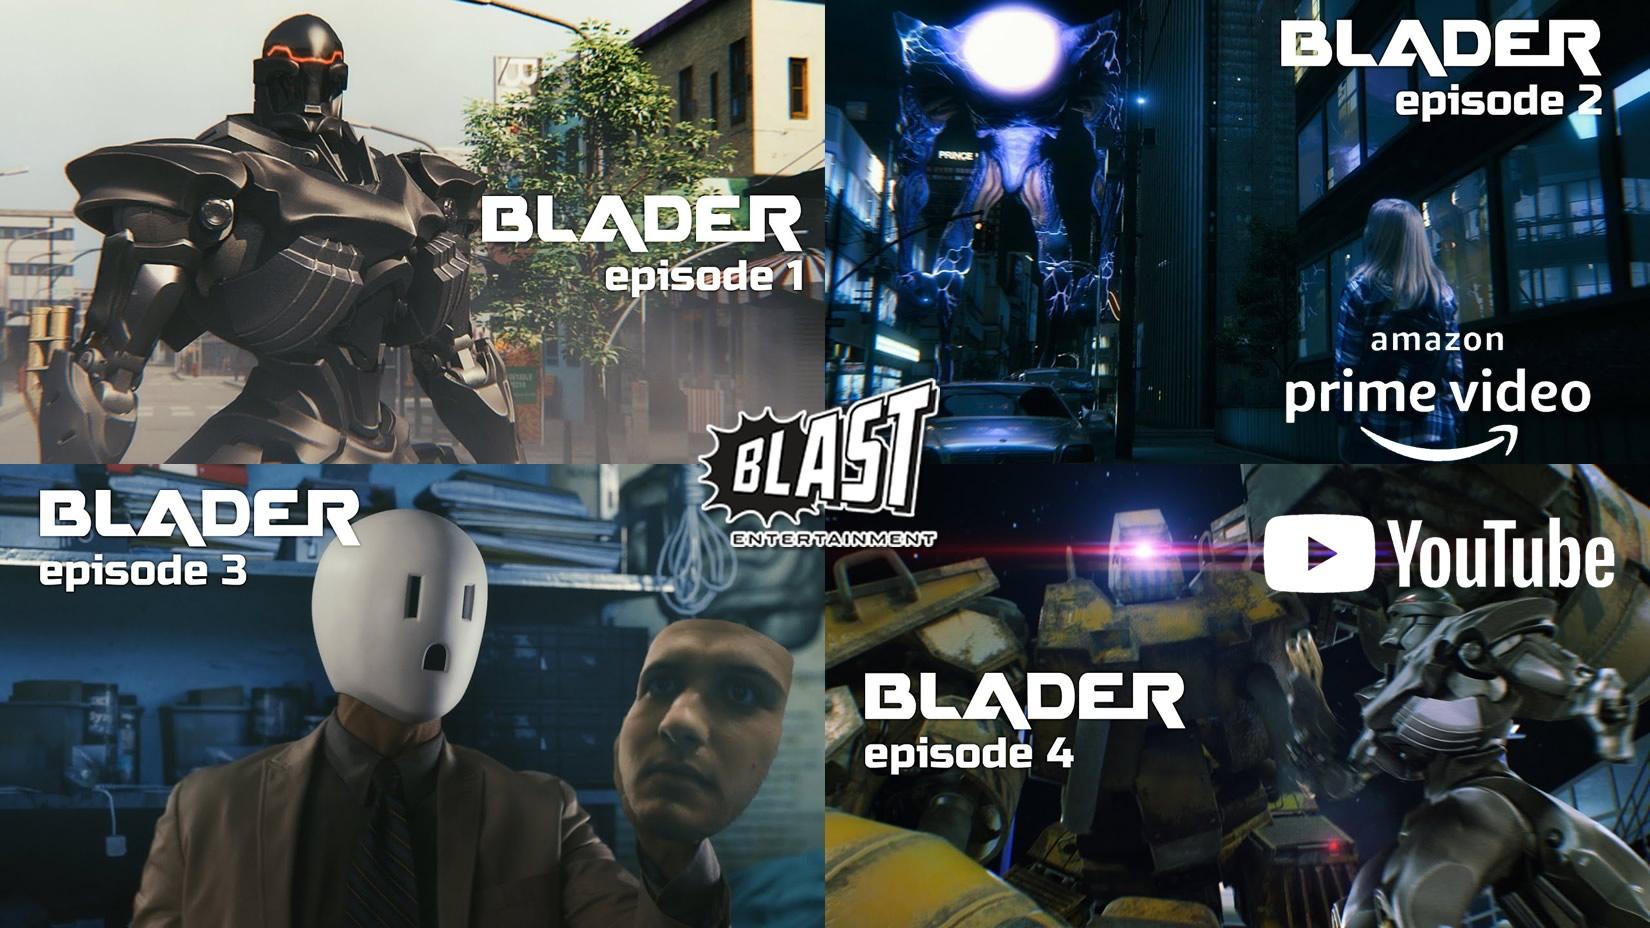 BLADER | Série de colaboração de Hollywood será lançada no Amazon Prime e no YouTube